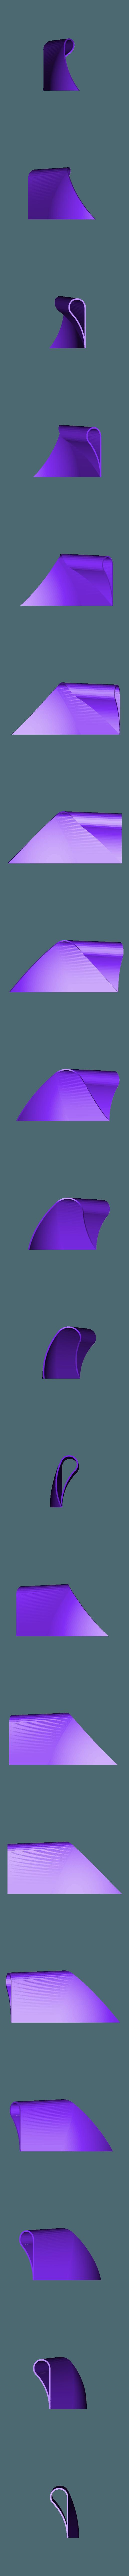 rawWing.stl Télécharger fichier STL gratuit Moulin à vent en papier (polyhedra-folie) • Objet pour imprimante 3D, Wachet